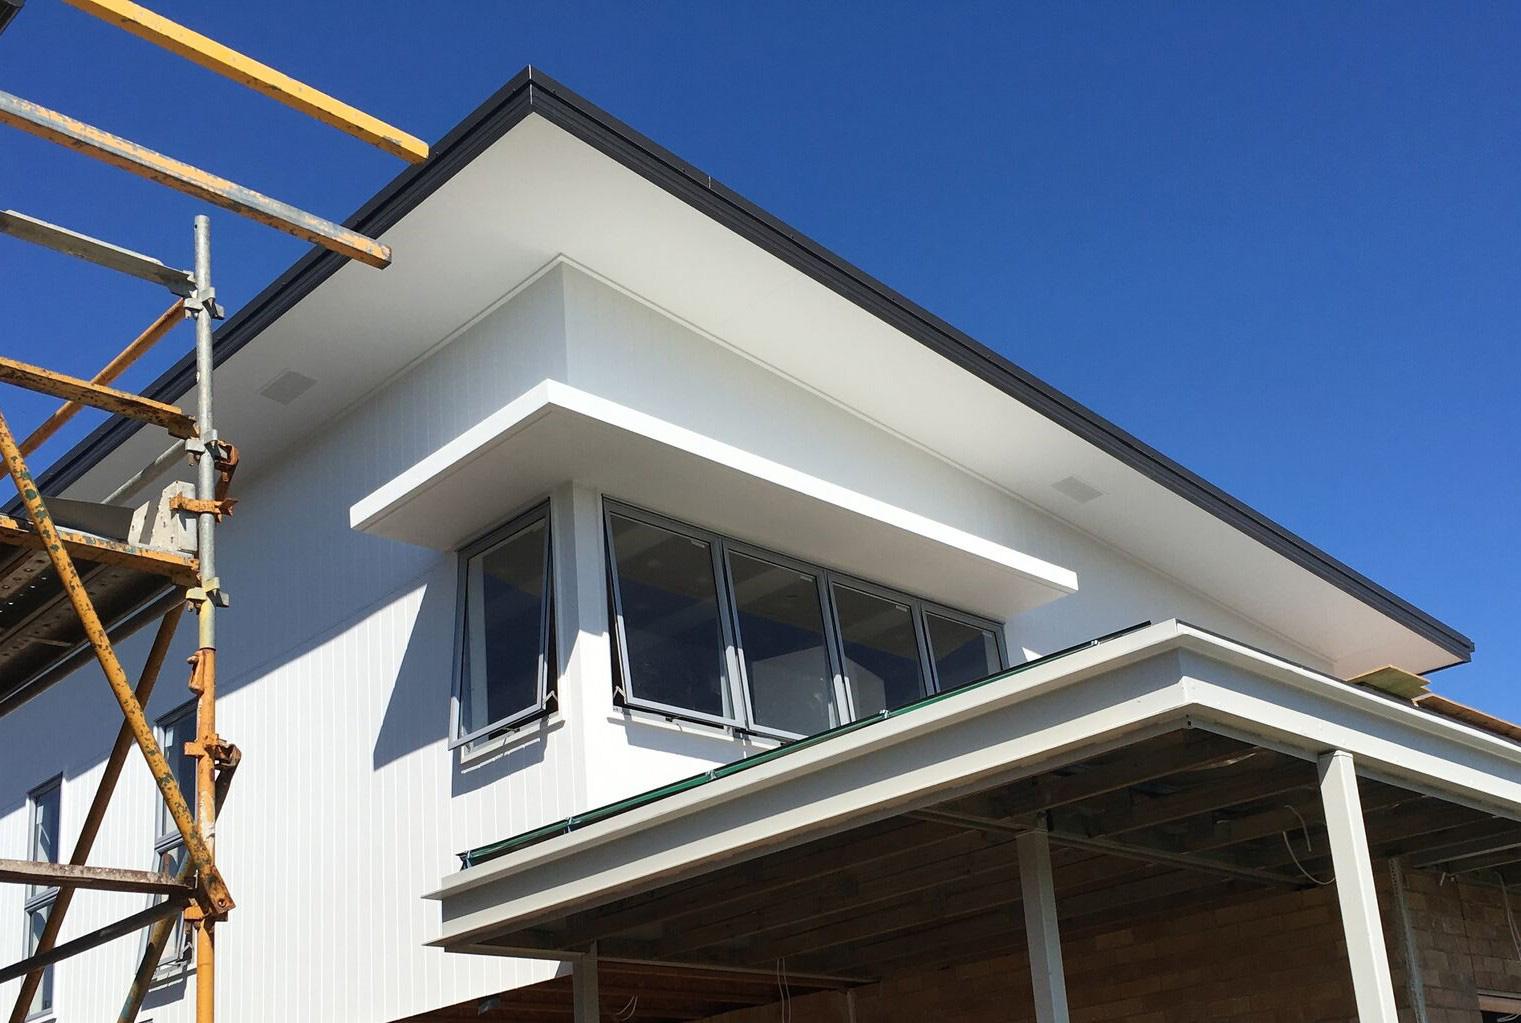 decorative feature building sunhoods for windows Gold Coast Australia